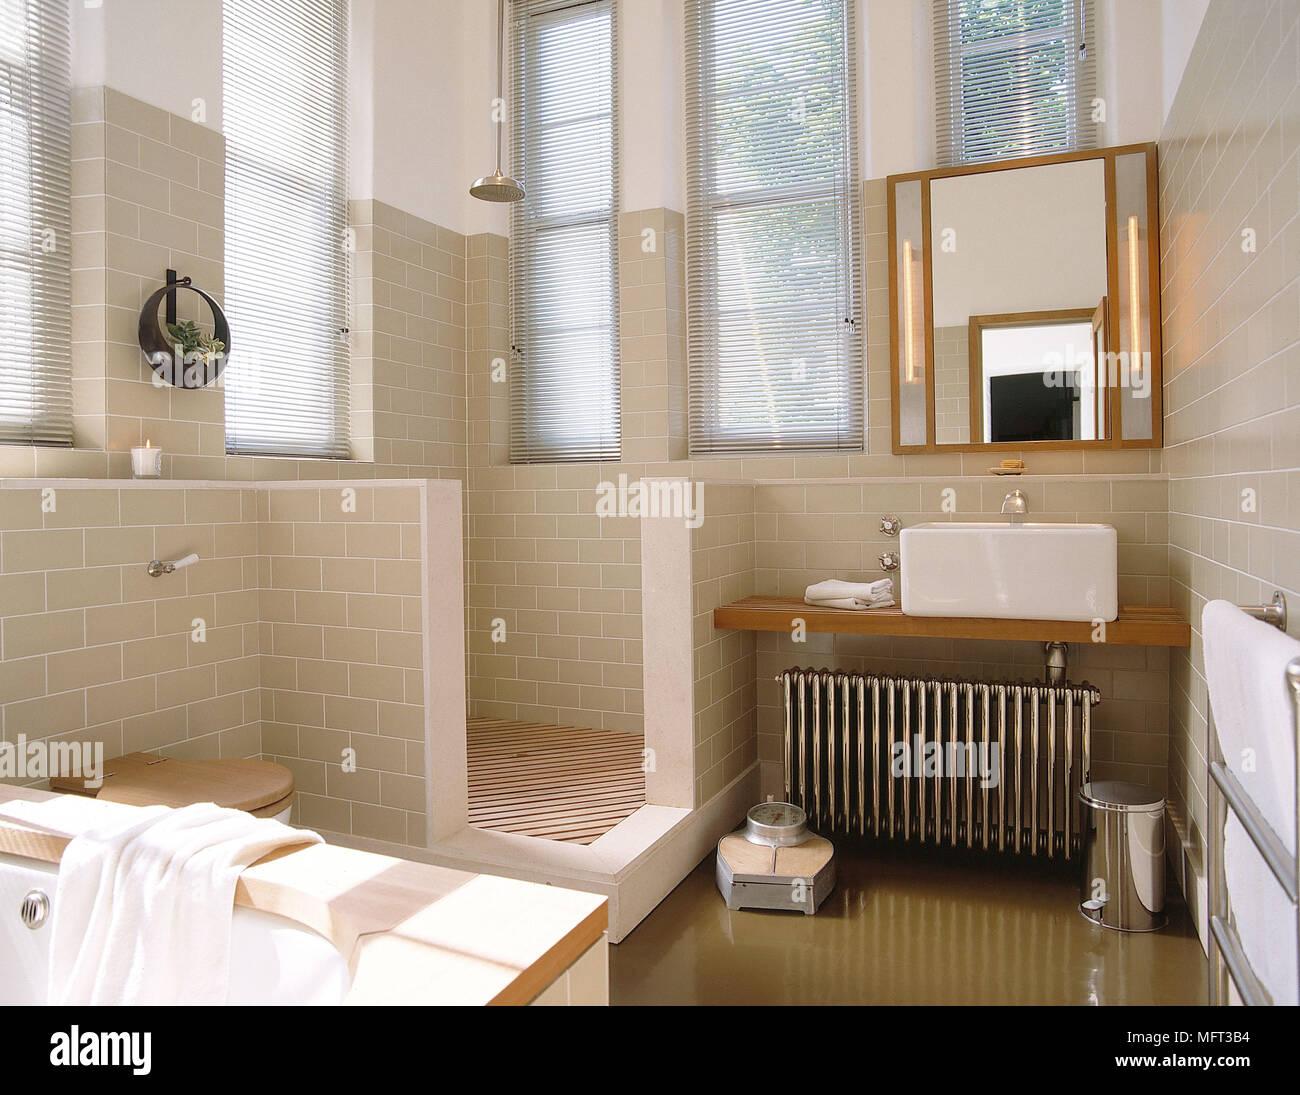 Ba o modernos neutros paredes de azulejos de cer mica zona for Ceramica para banos modernos